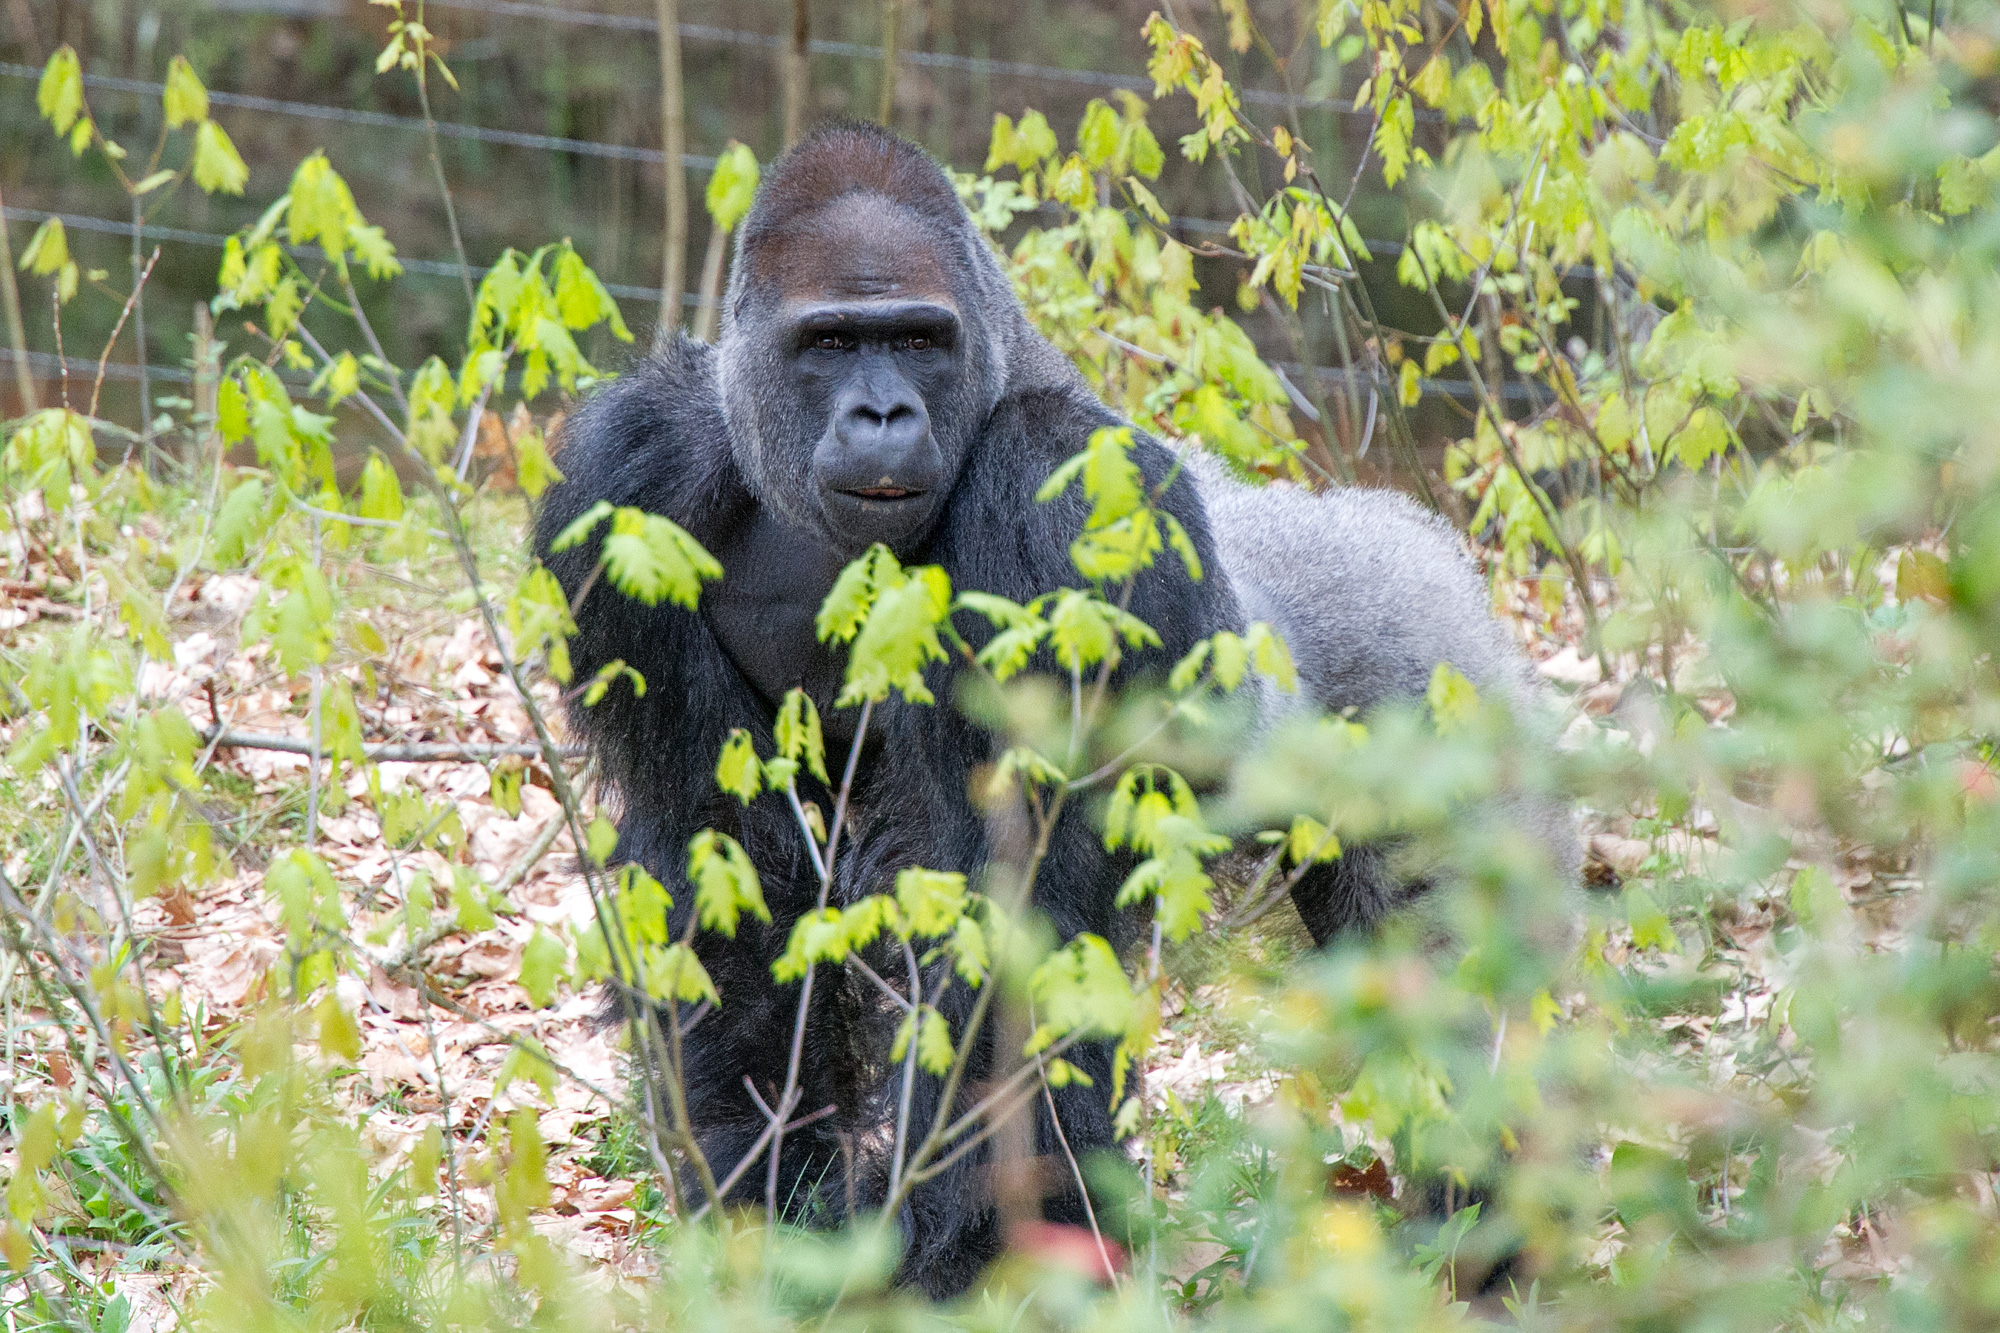 Vier de verjaardag van gorillaleider Bao Bao mee